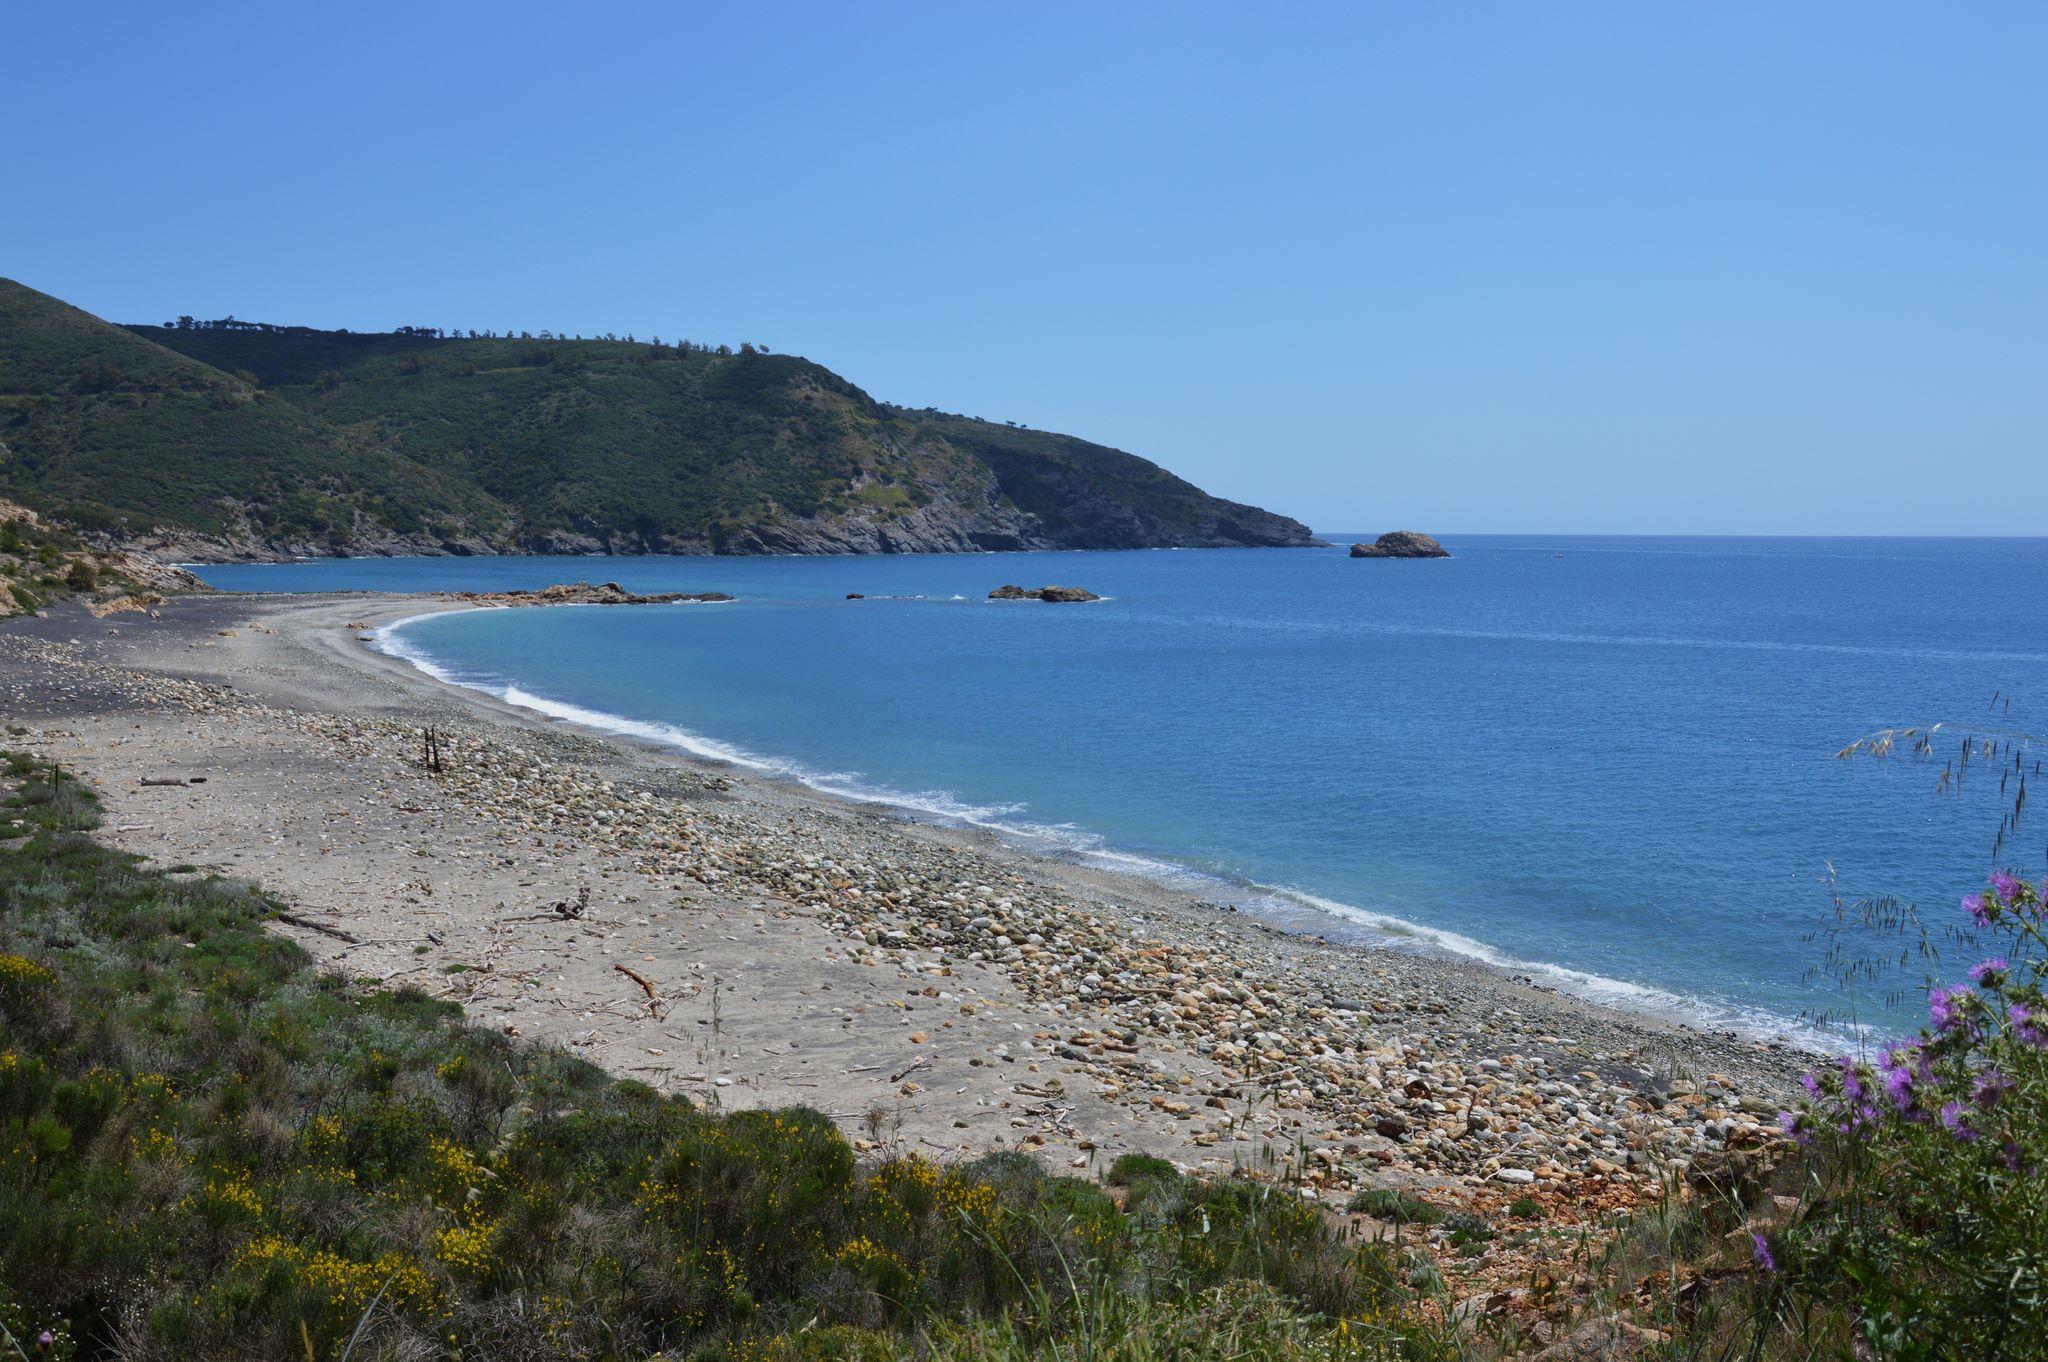 Spiaggia di Cannello (Foto Claudia Signorini)